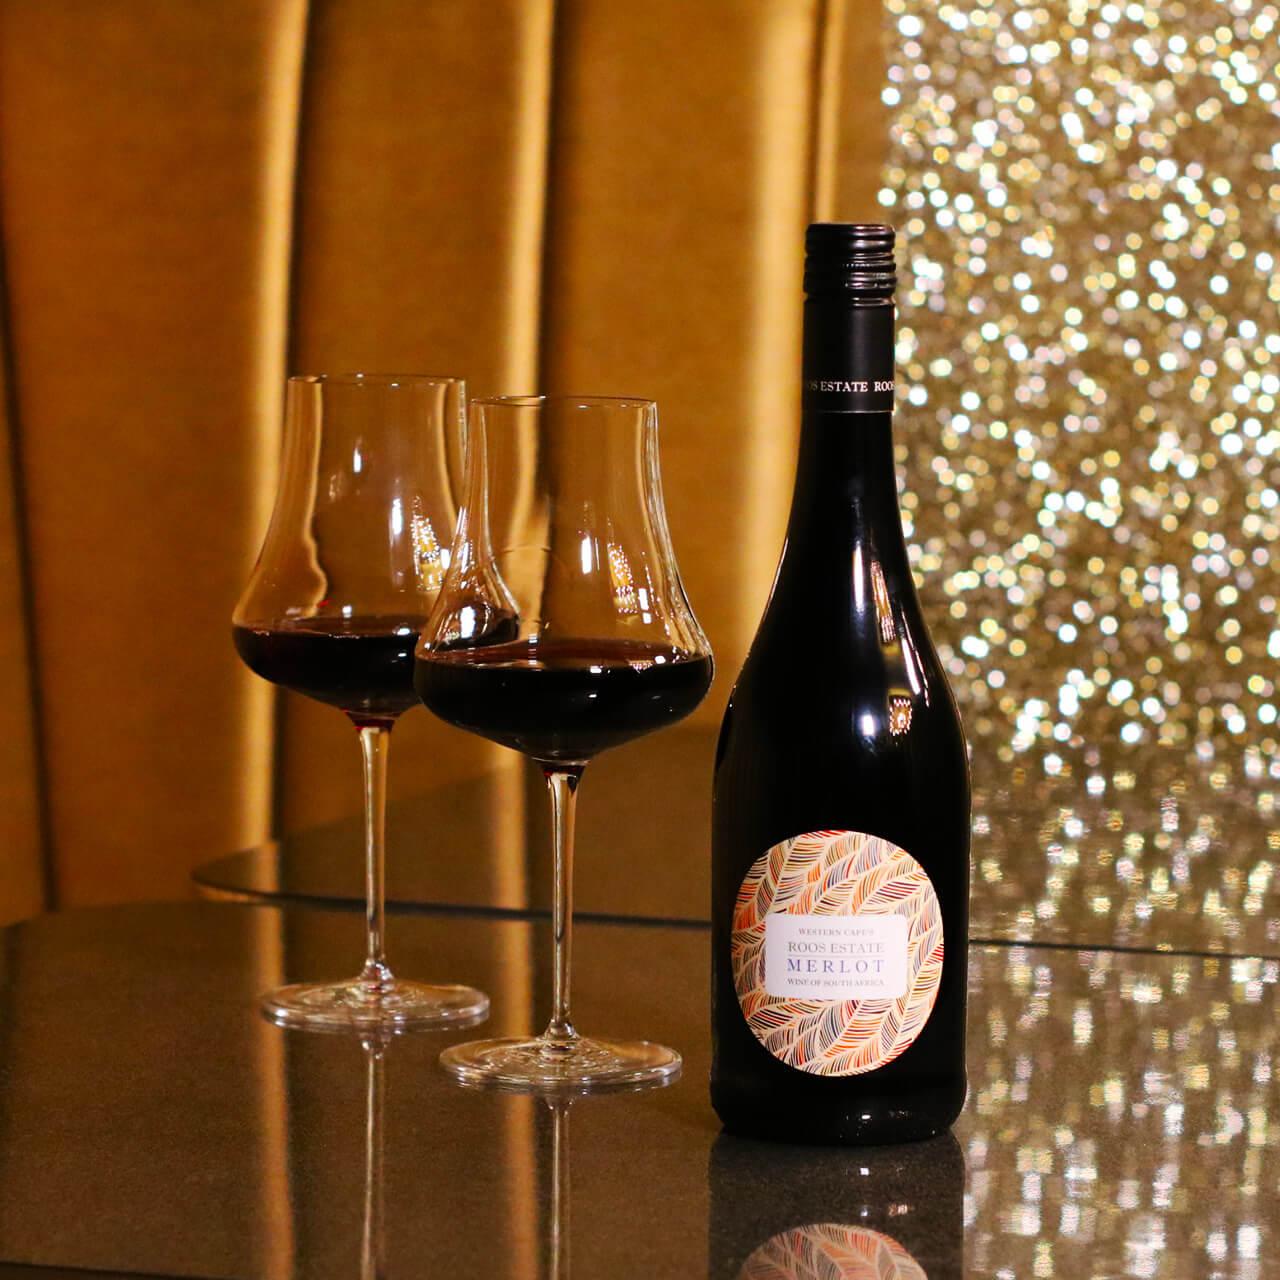 Roos Estate Merlot - Frankies Wine Bar